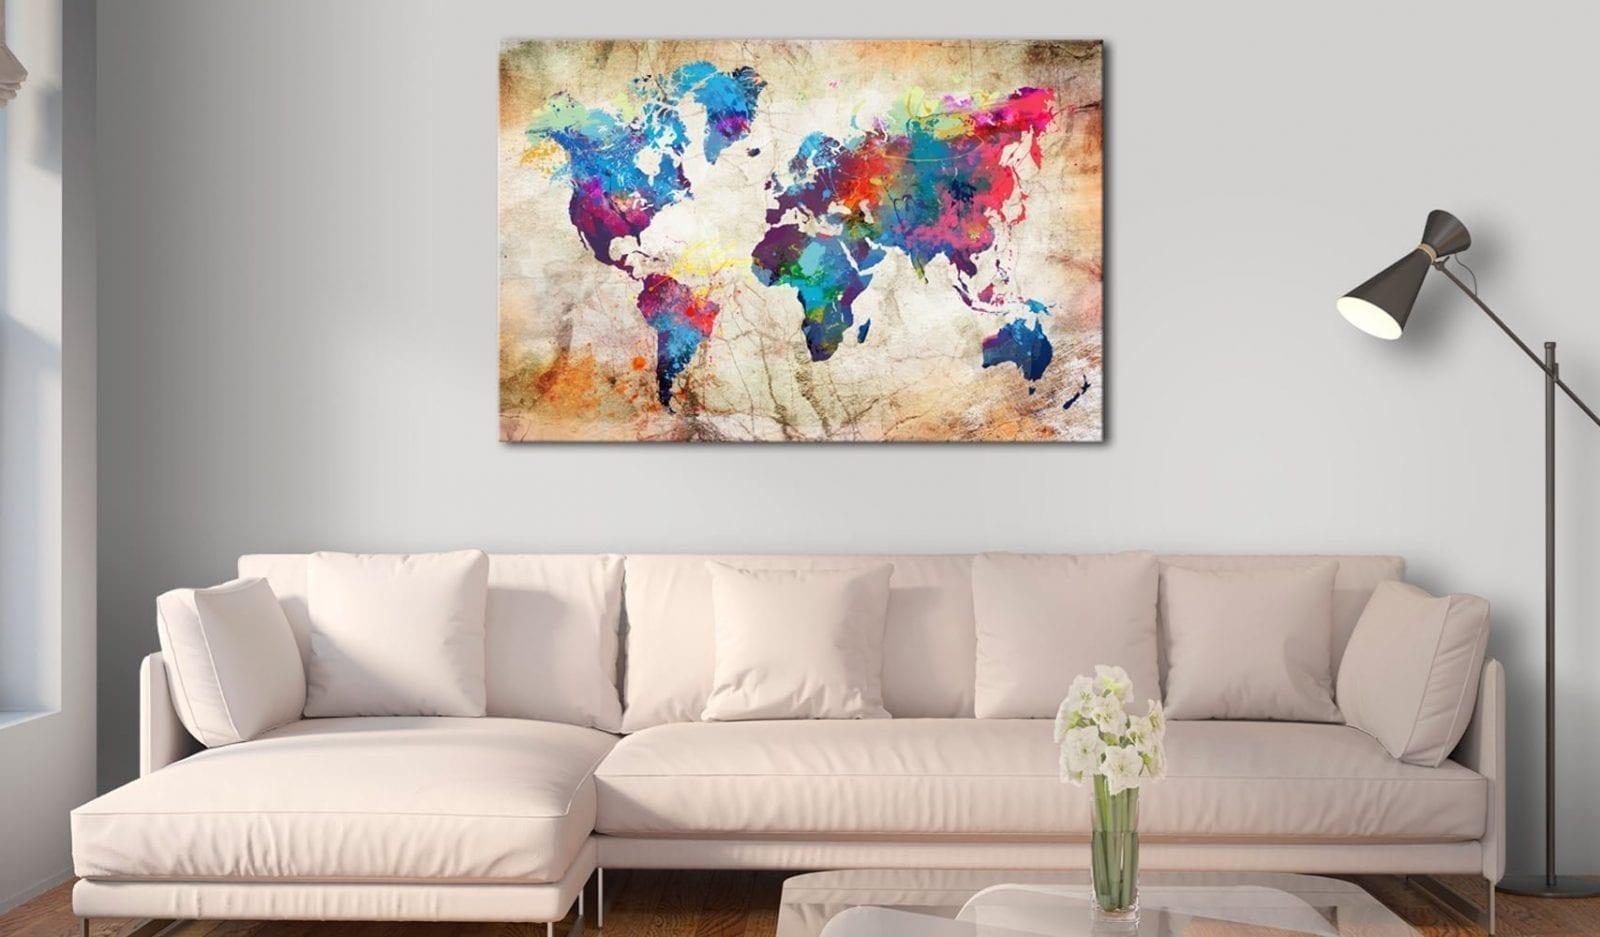 Tablero de corcho - World Map: Urban Style 2 | Potspintura.com